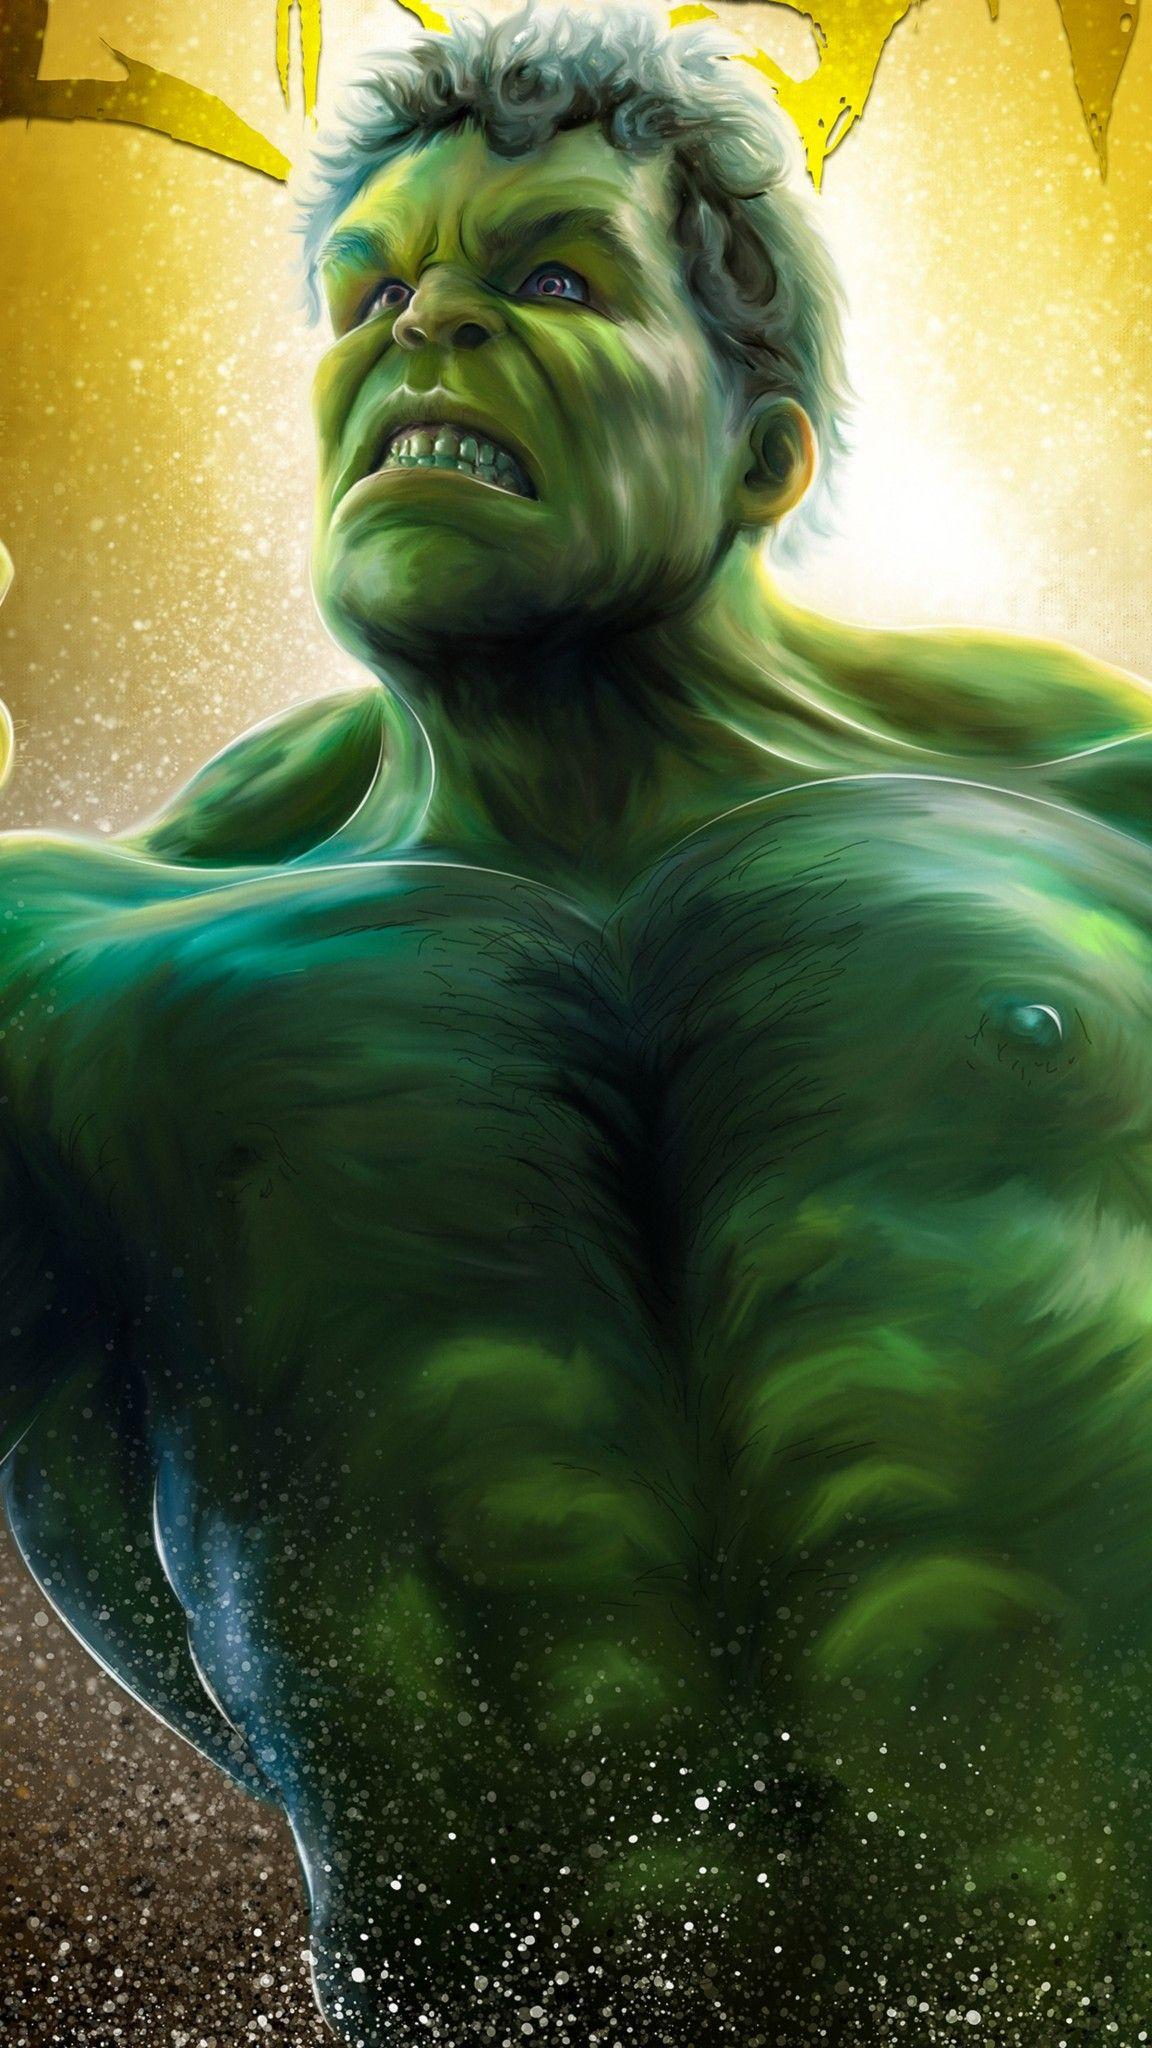 The Incredible Hulk Wallpaper, Hulk, Superhero